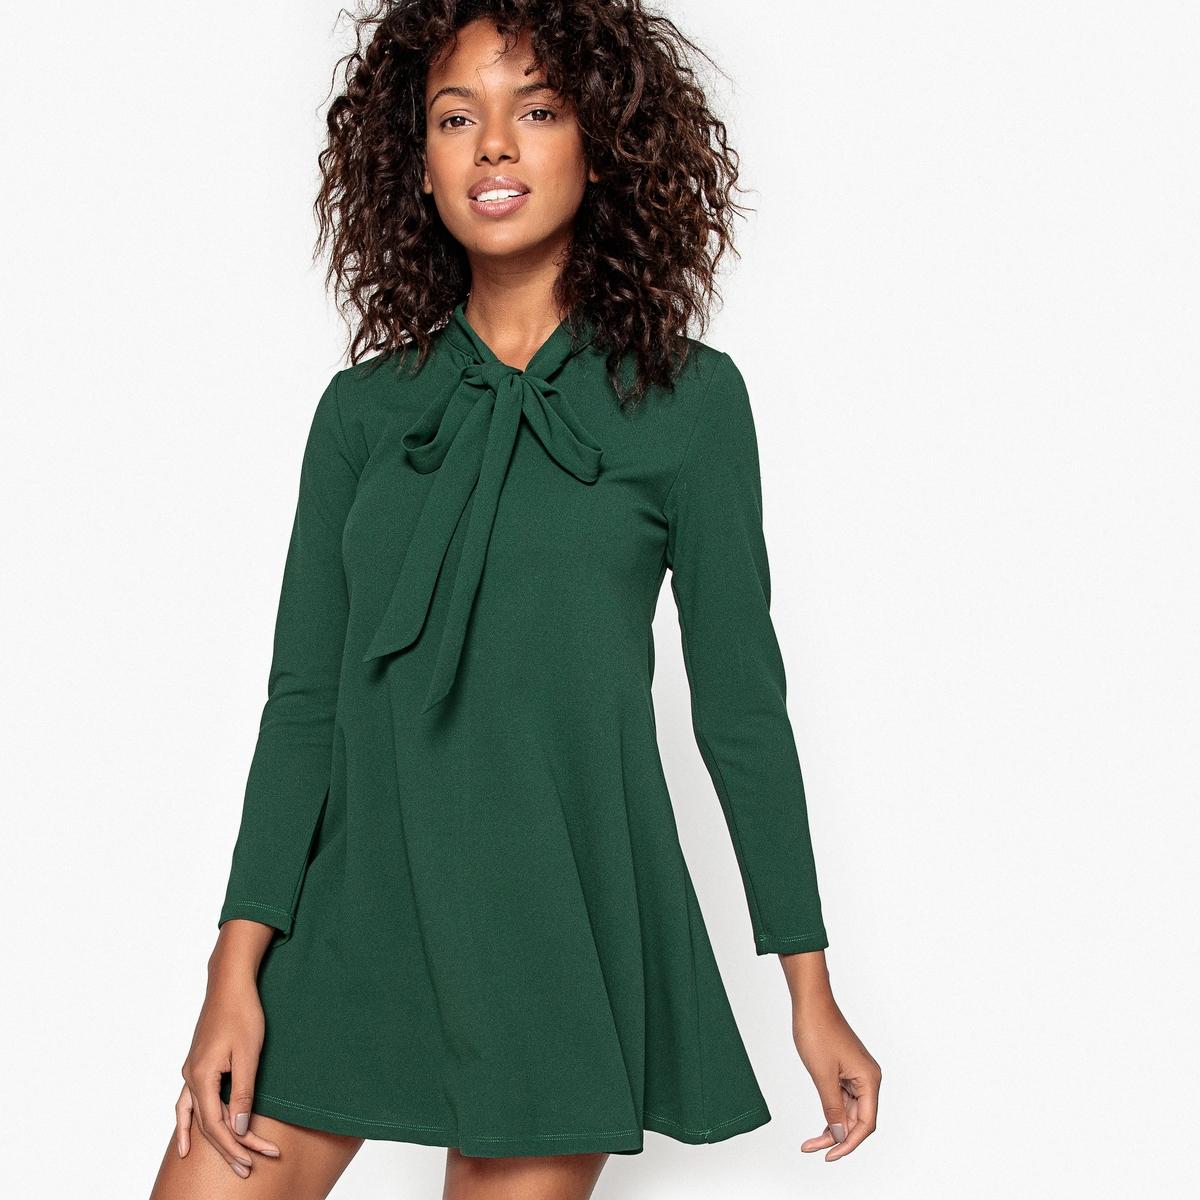 Платье однотонное короткого и расклешенного покроя с длинными рукавамиДетали •  Форма : расклешенная •  Укороченная модель •  Длинные рукава    •  Галстук-бантСостав и уход •  5% эластана, 95% полиэстера  •  Следуйте рекомендациям по уходу, указанным на этикетке изделия<br><br>Цвет: зеленый английский,коньячный<br>Размер: XL.M.S.S.XS.L